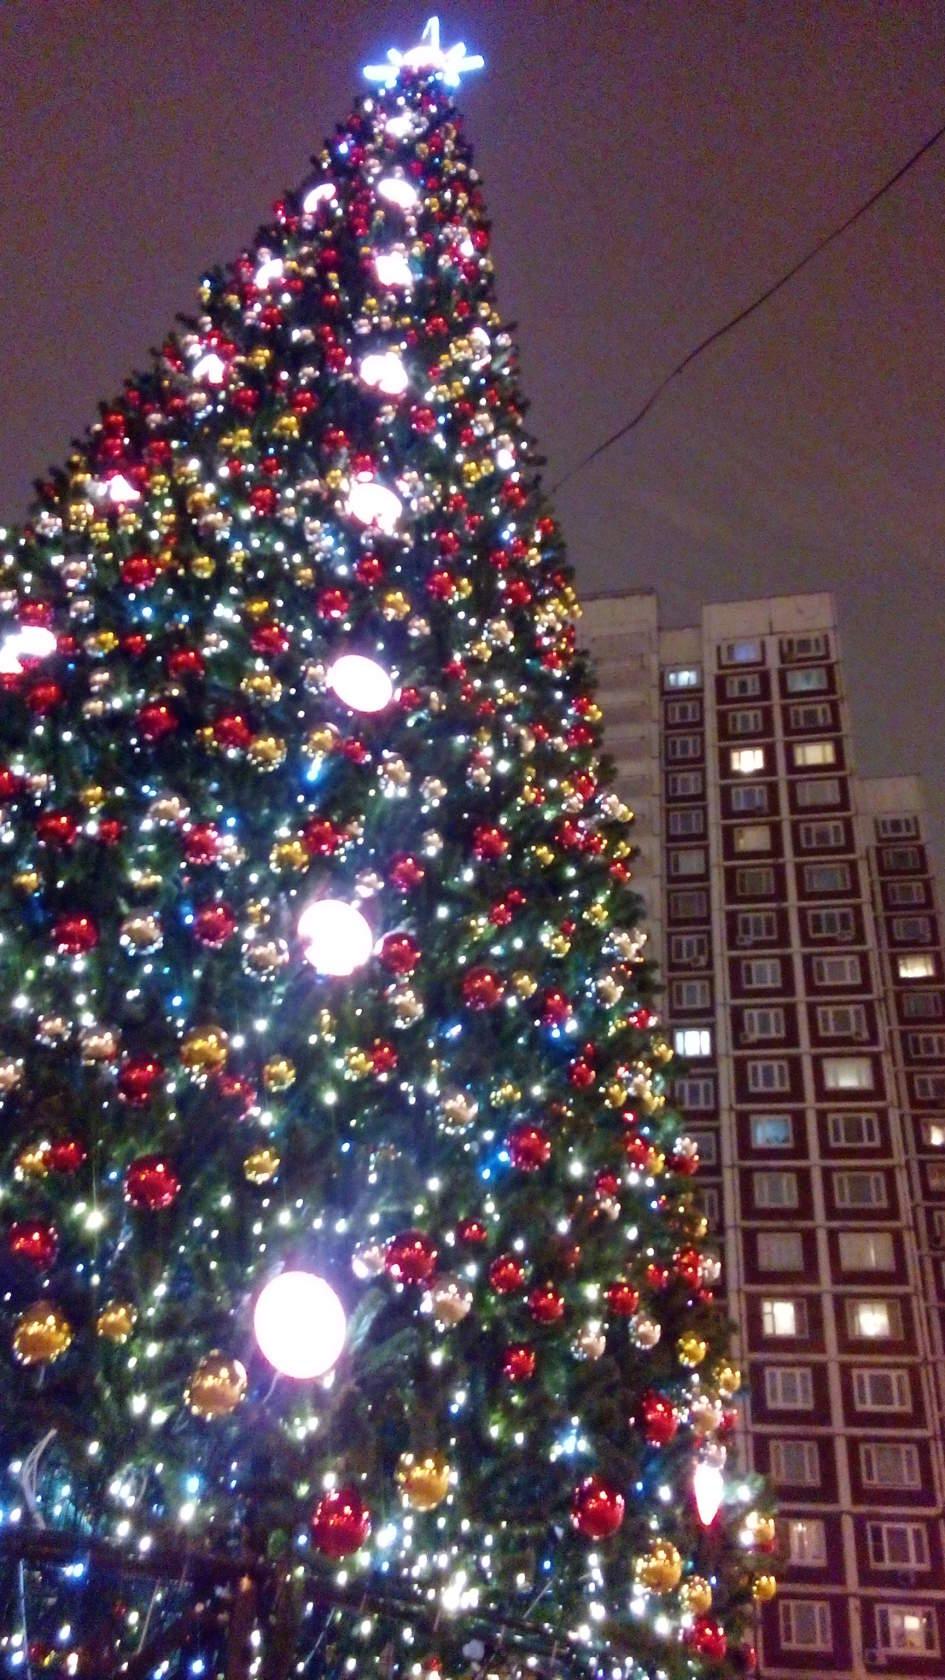 Даешь Новый Год в каждый двор!. Блиц: новогодняя елка